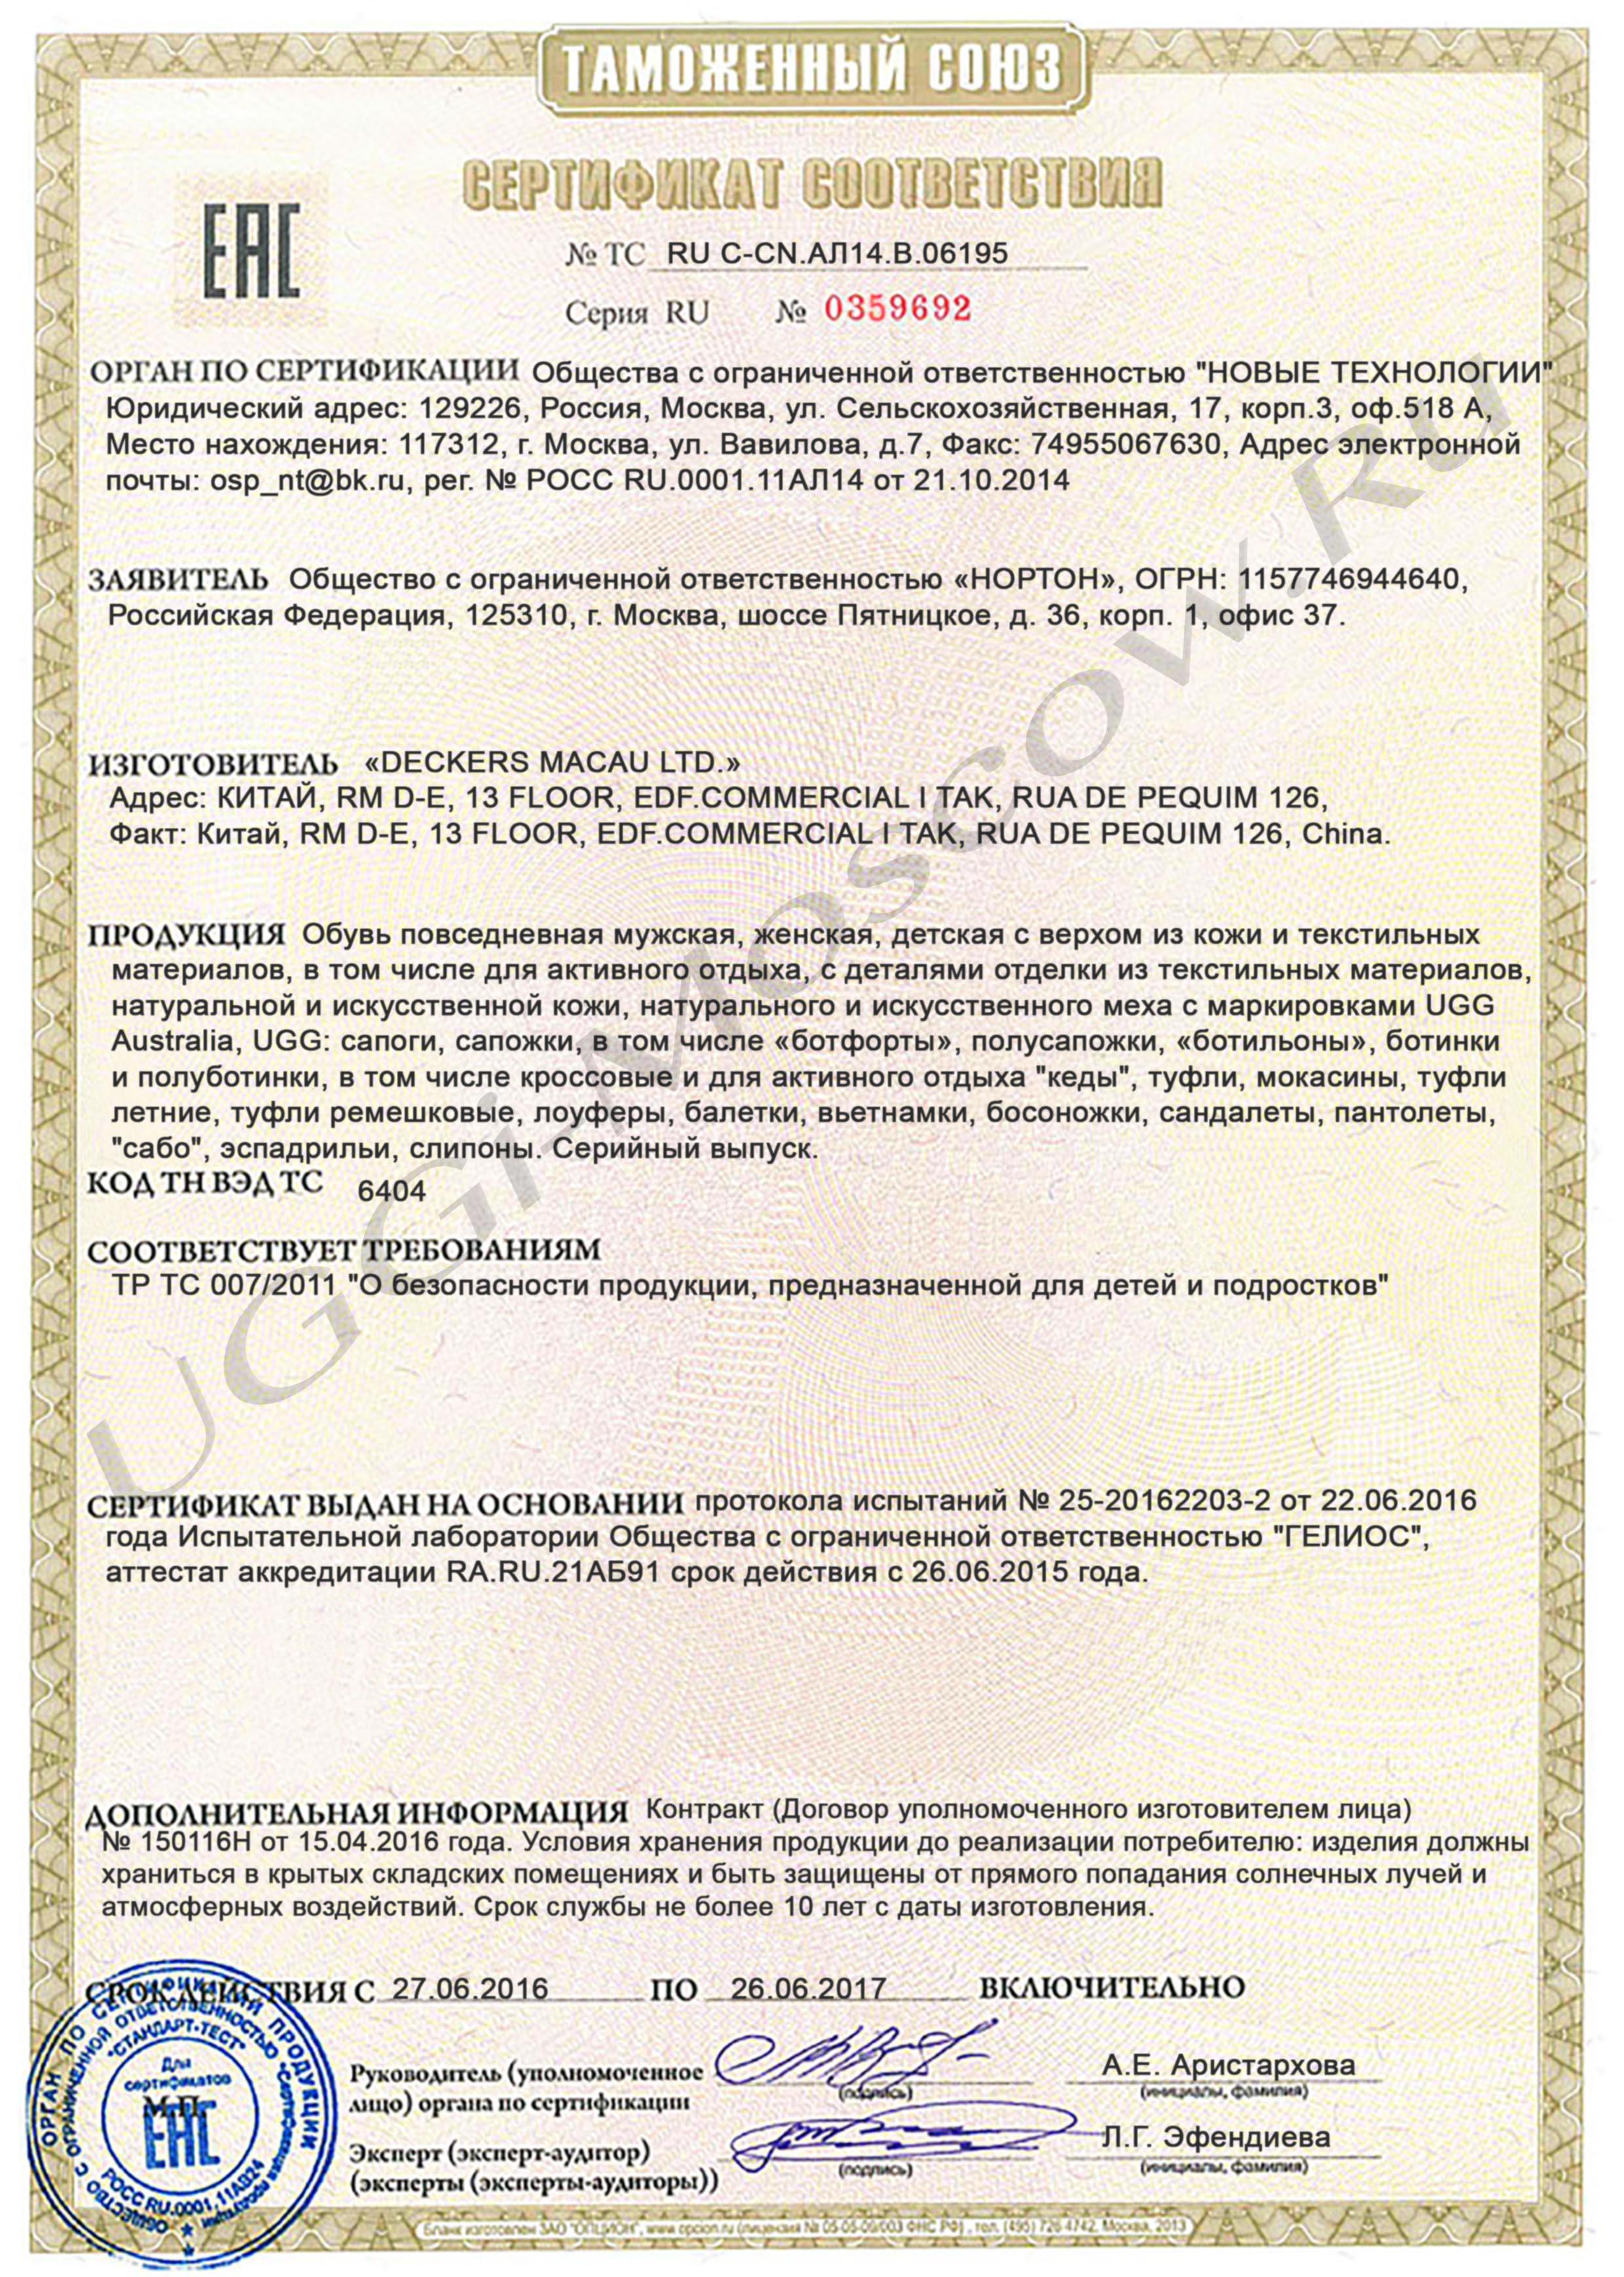 Сертификат соответствия UGGi-Moscow.Ru (2)